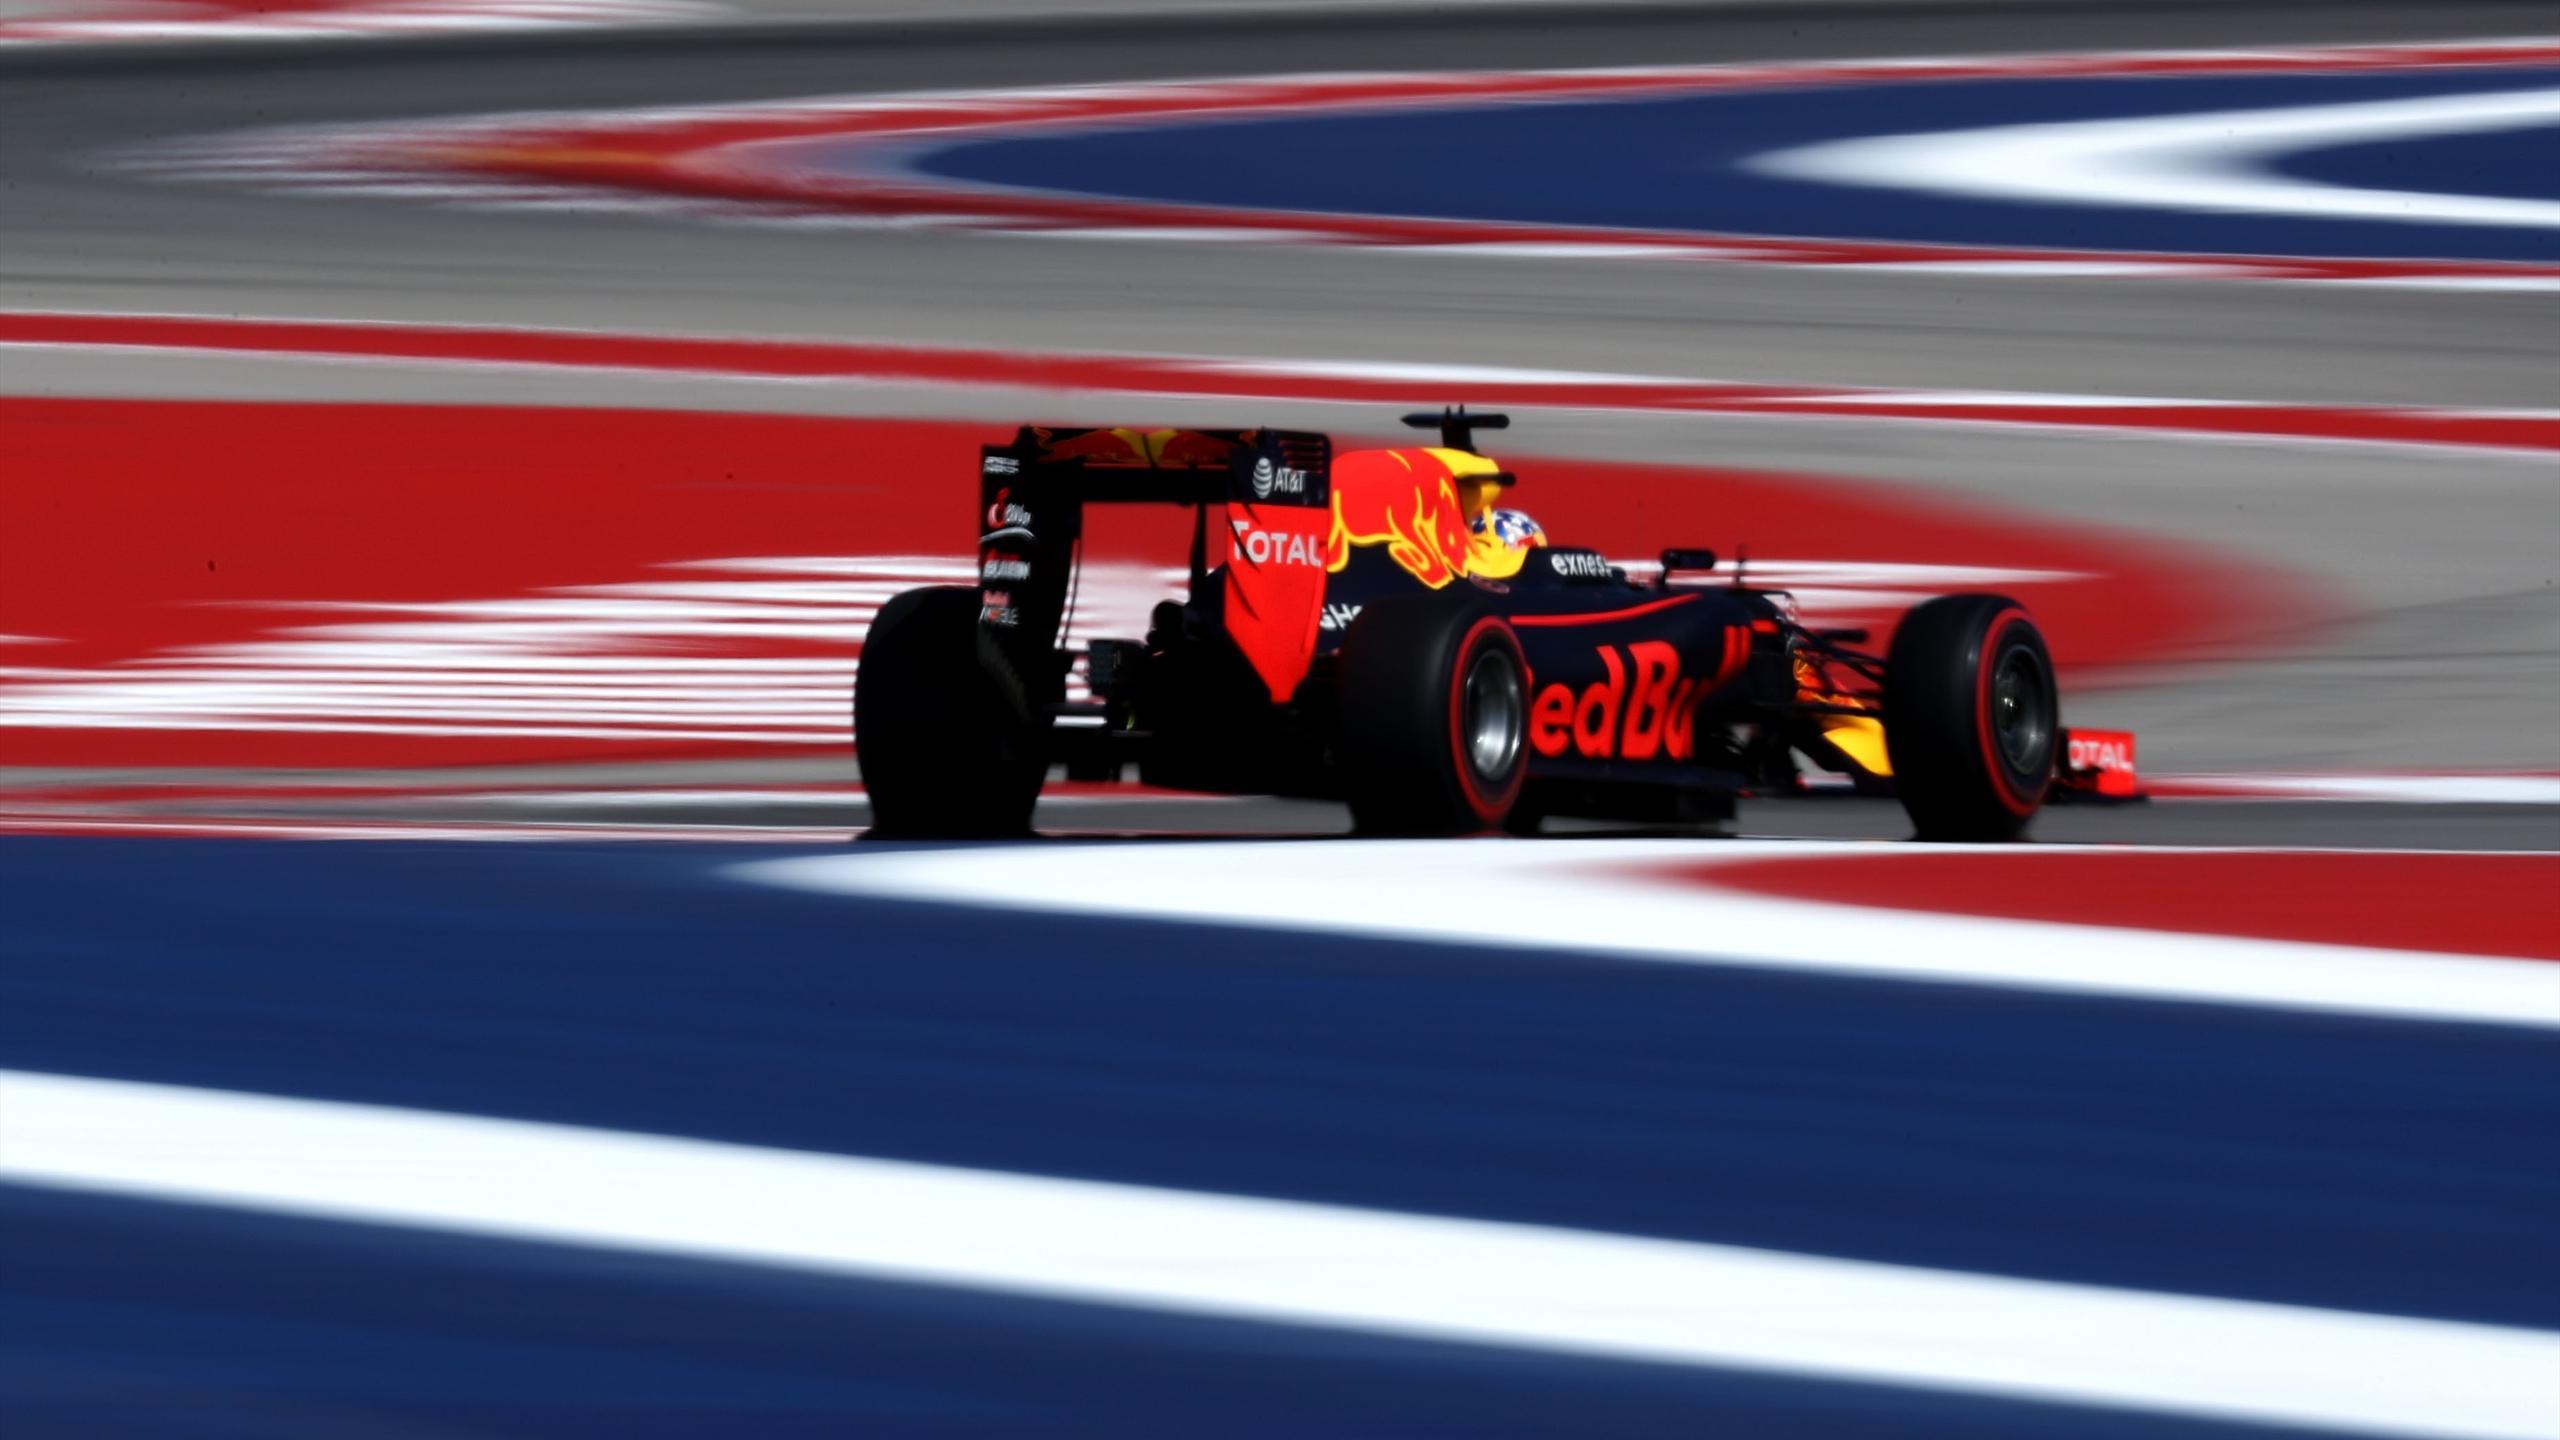 Daniel Ricciardo (Red Bull) au Grand Prix des Etats-Unis d'Amérique 2016